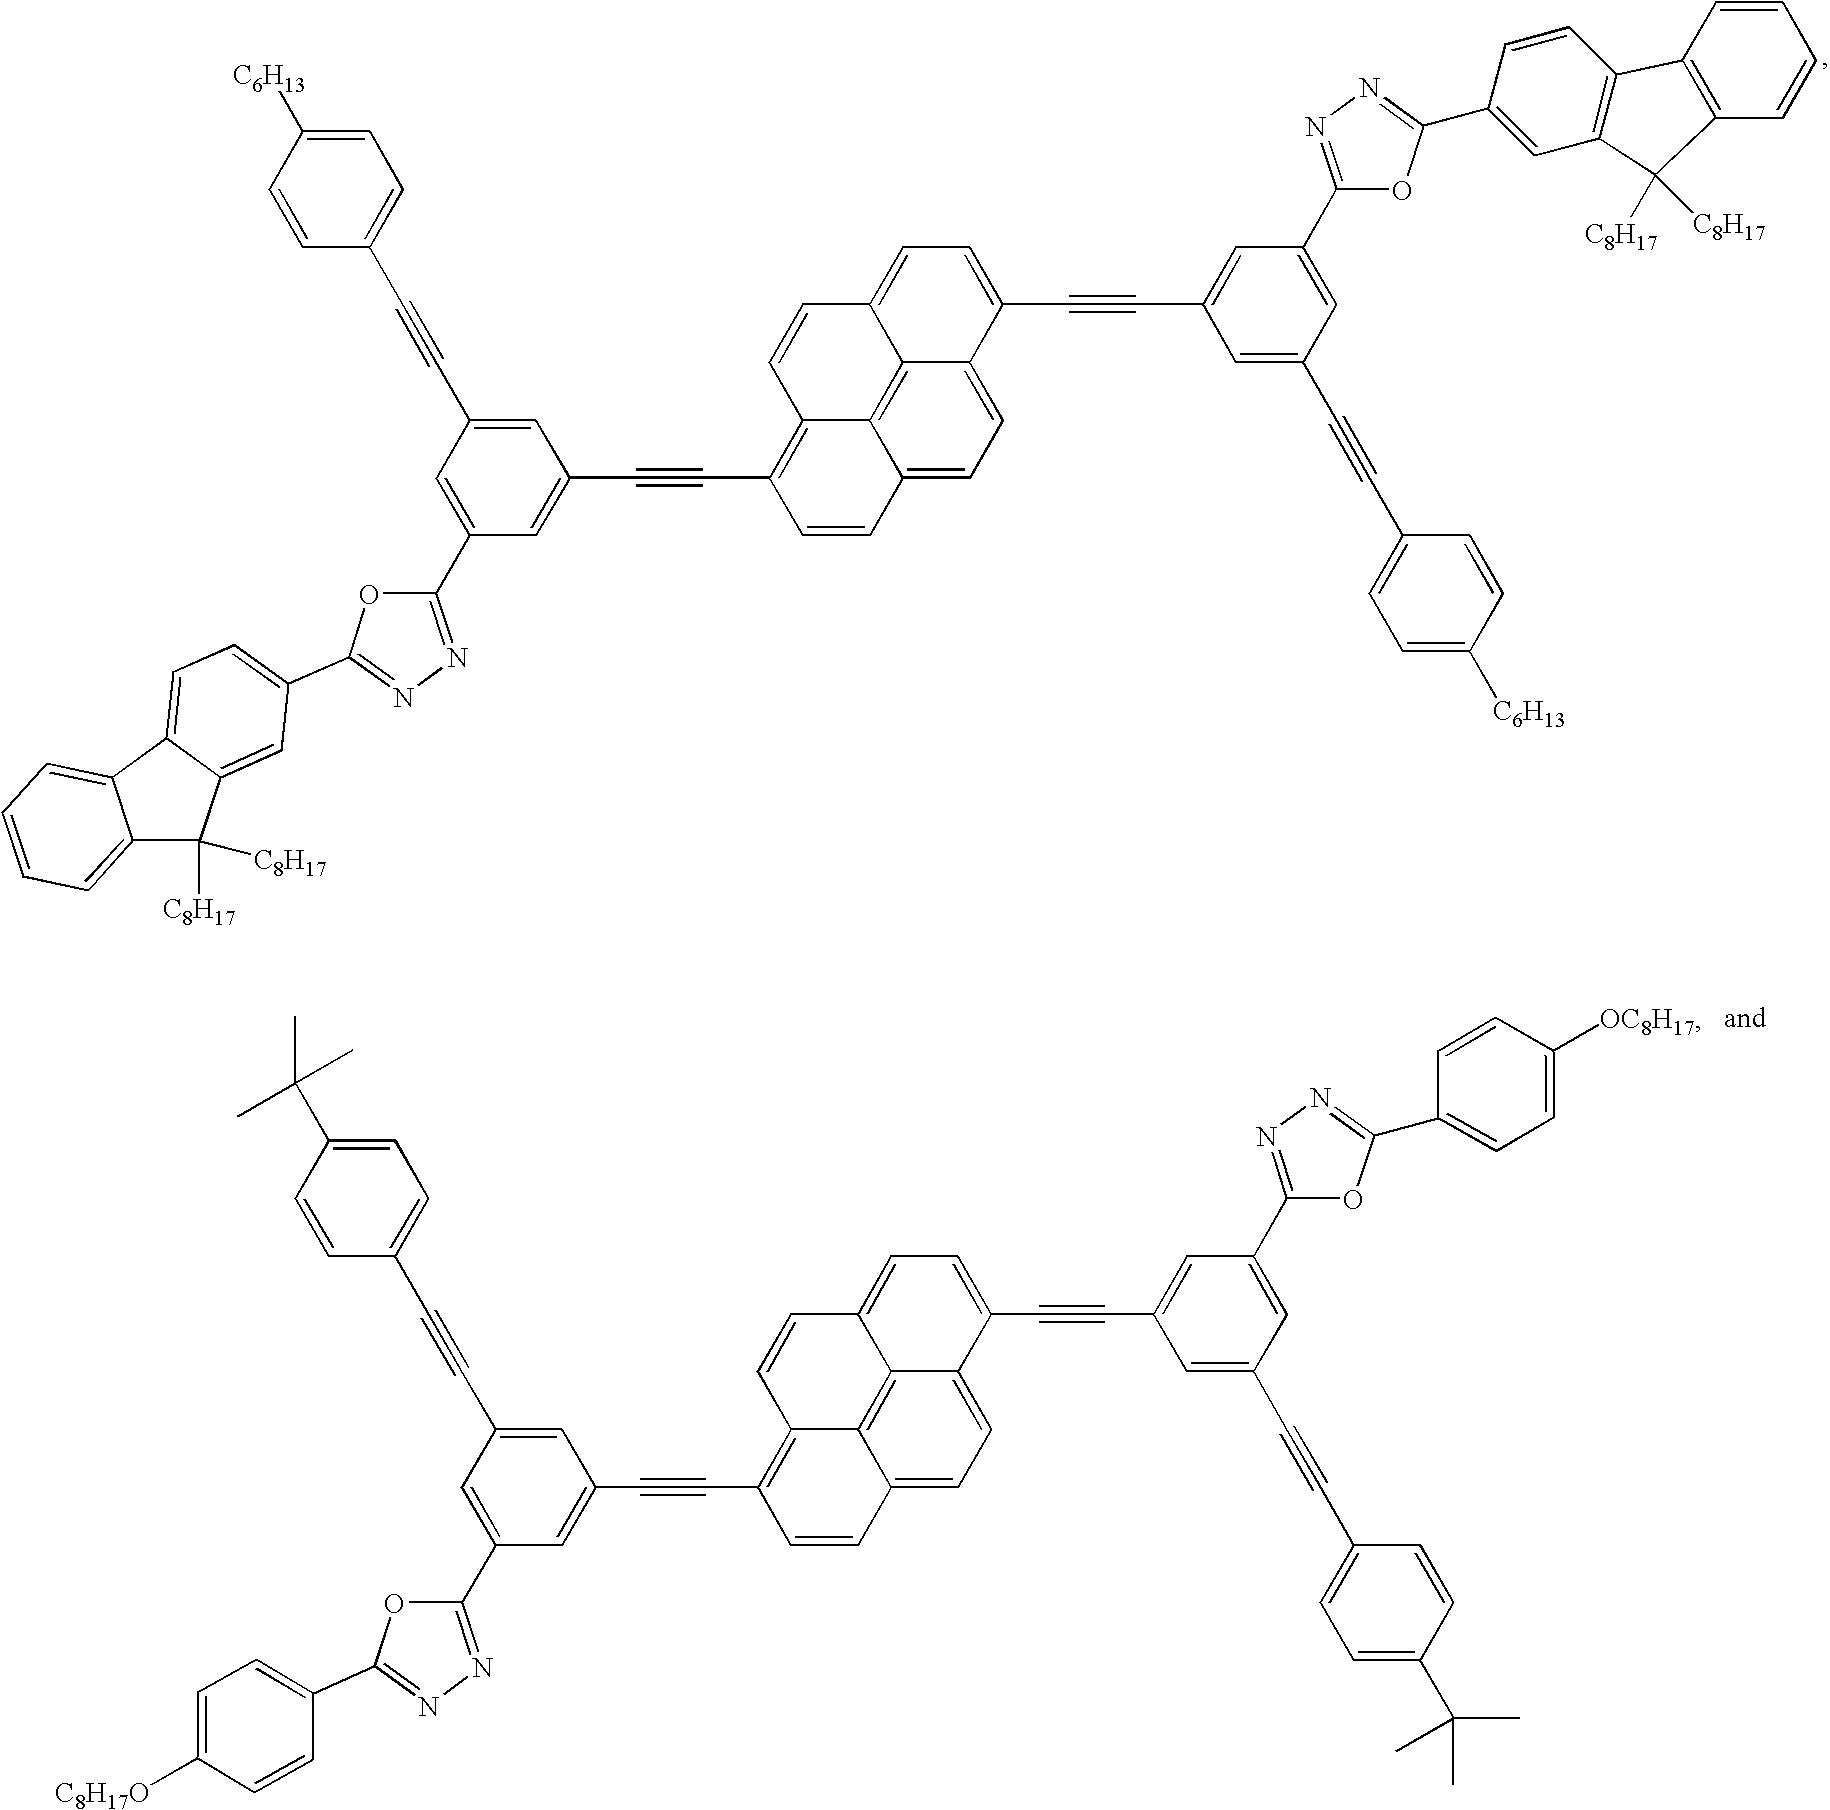 Figure US20070107835A1-20070517-C00039